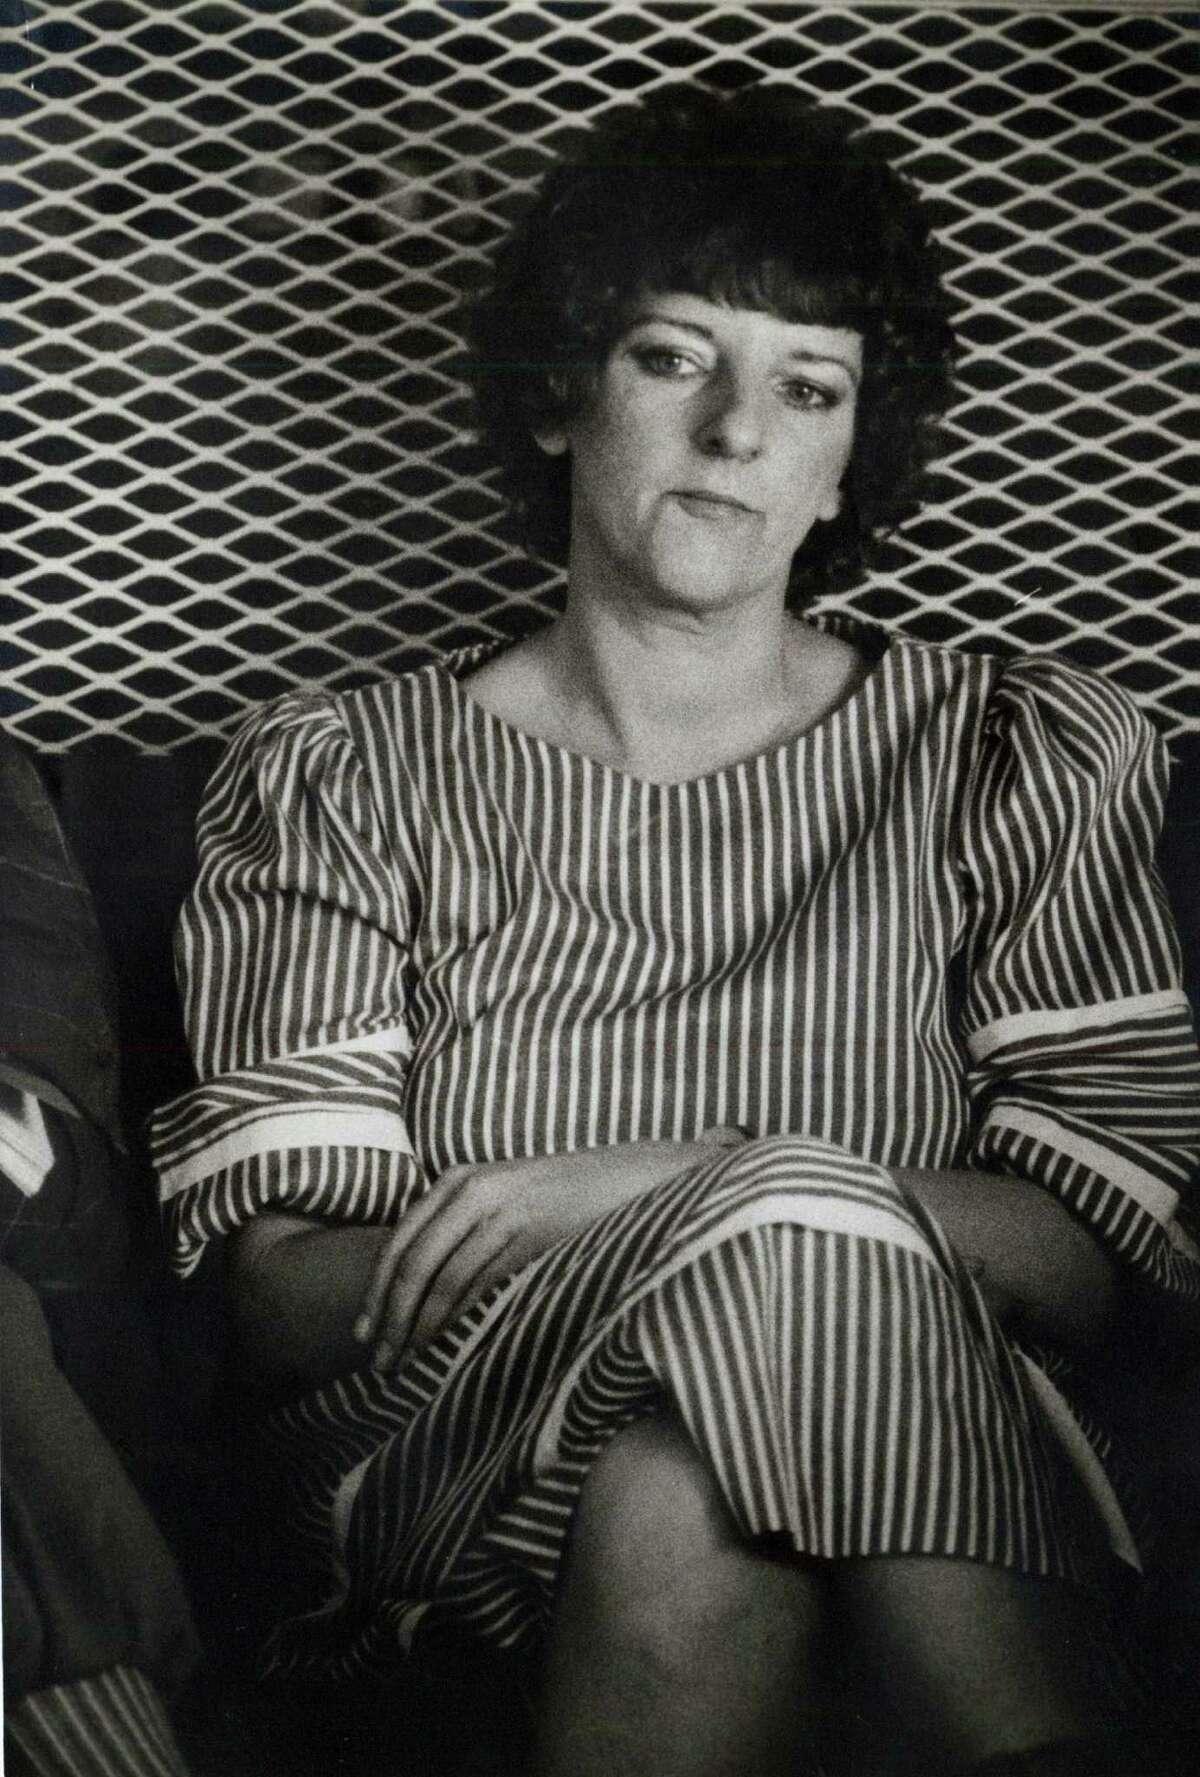 Genene Jones, shown three decades ago, is suspected of involvement in dozens of children's deaths.